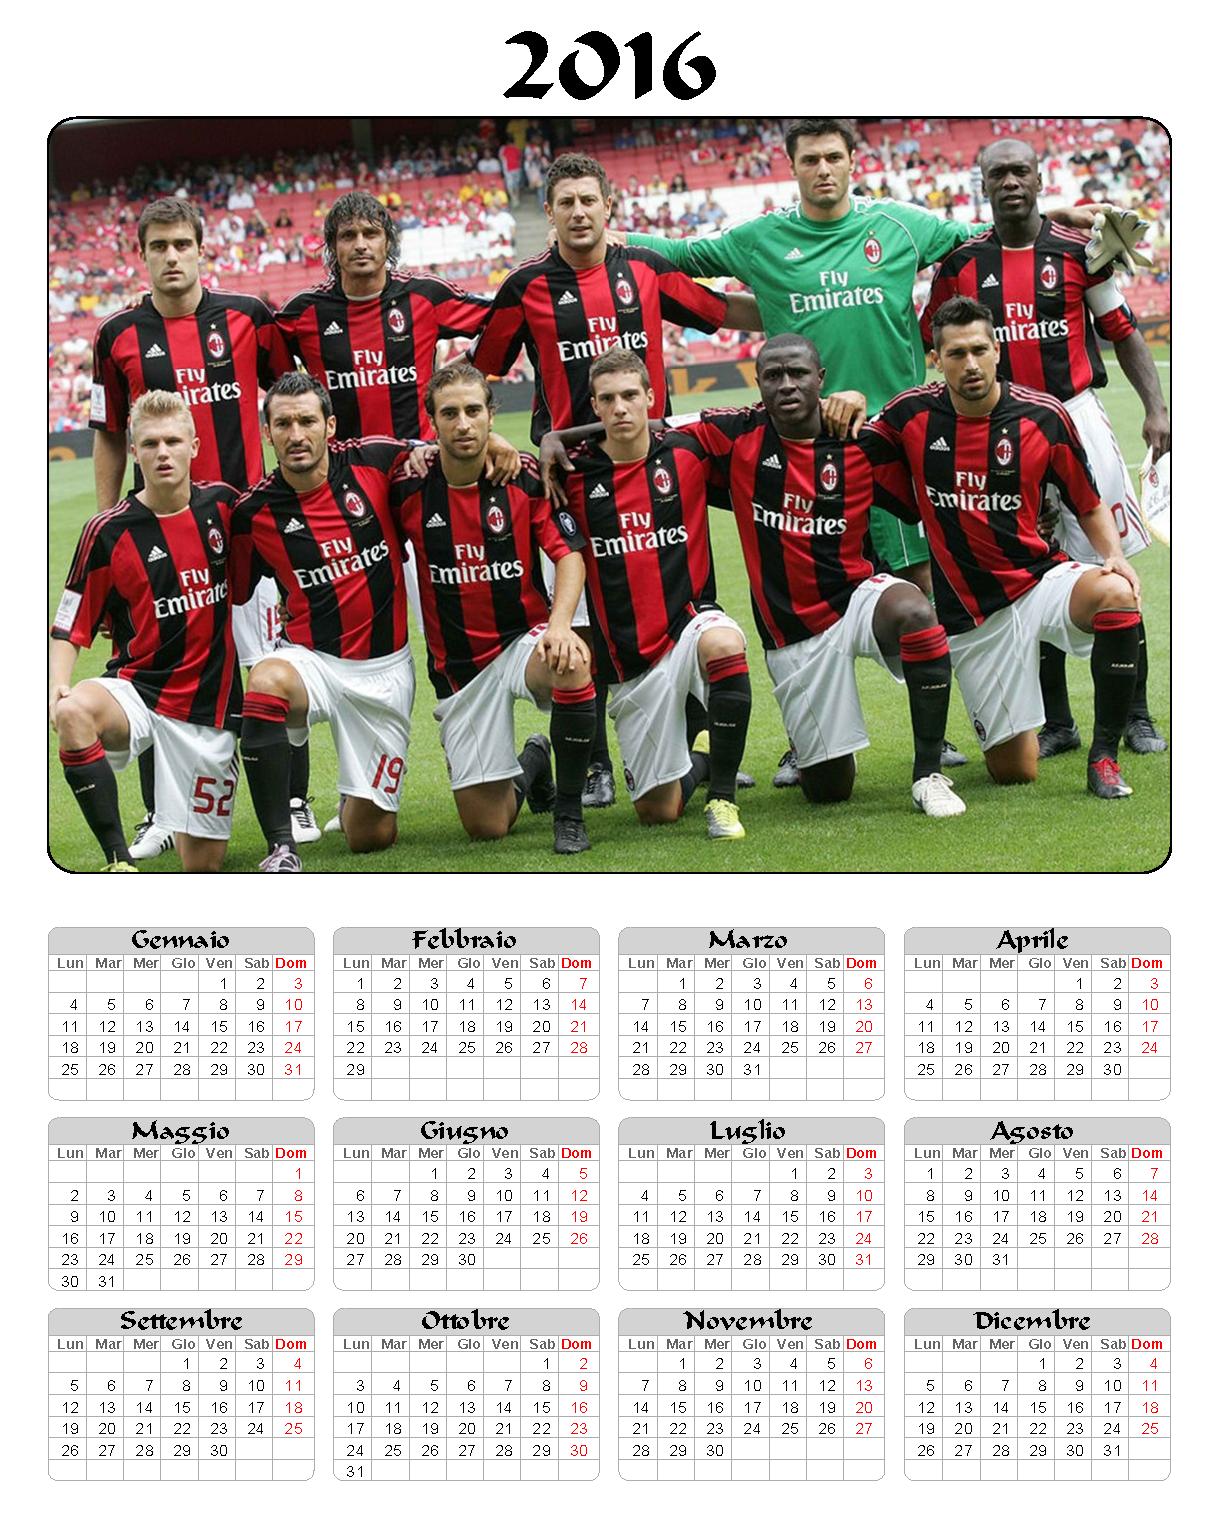 calendario 2016 - mensile - annuale - milan